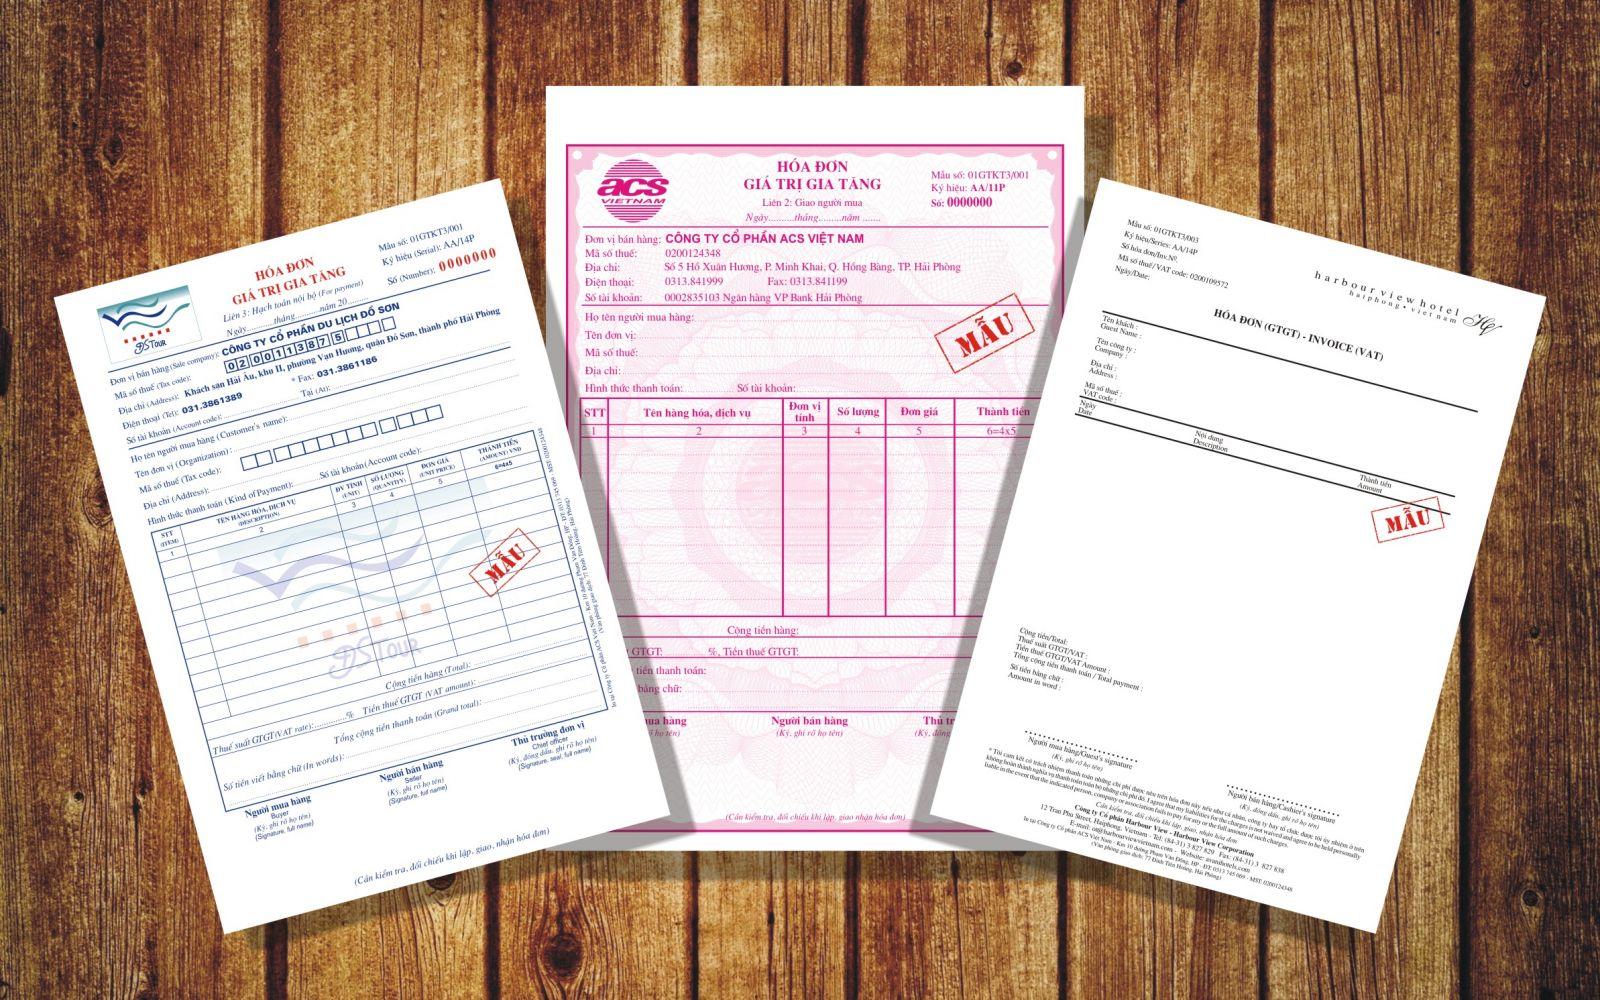 Yêu cầu đối với công chức kiểm tra hóa đơn